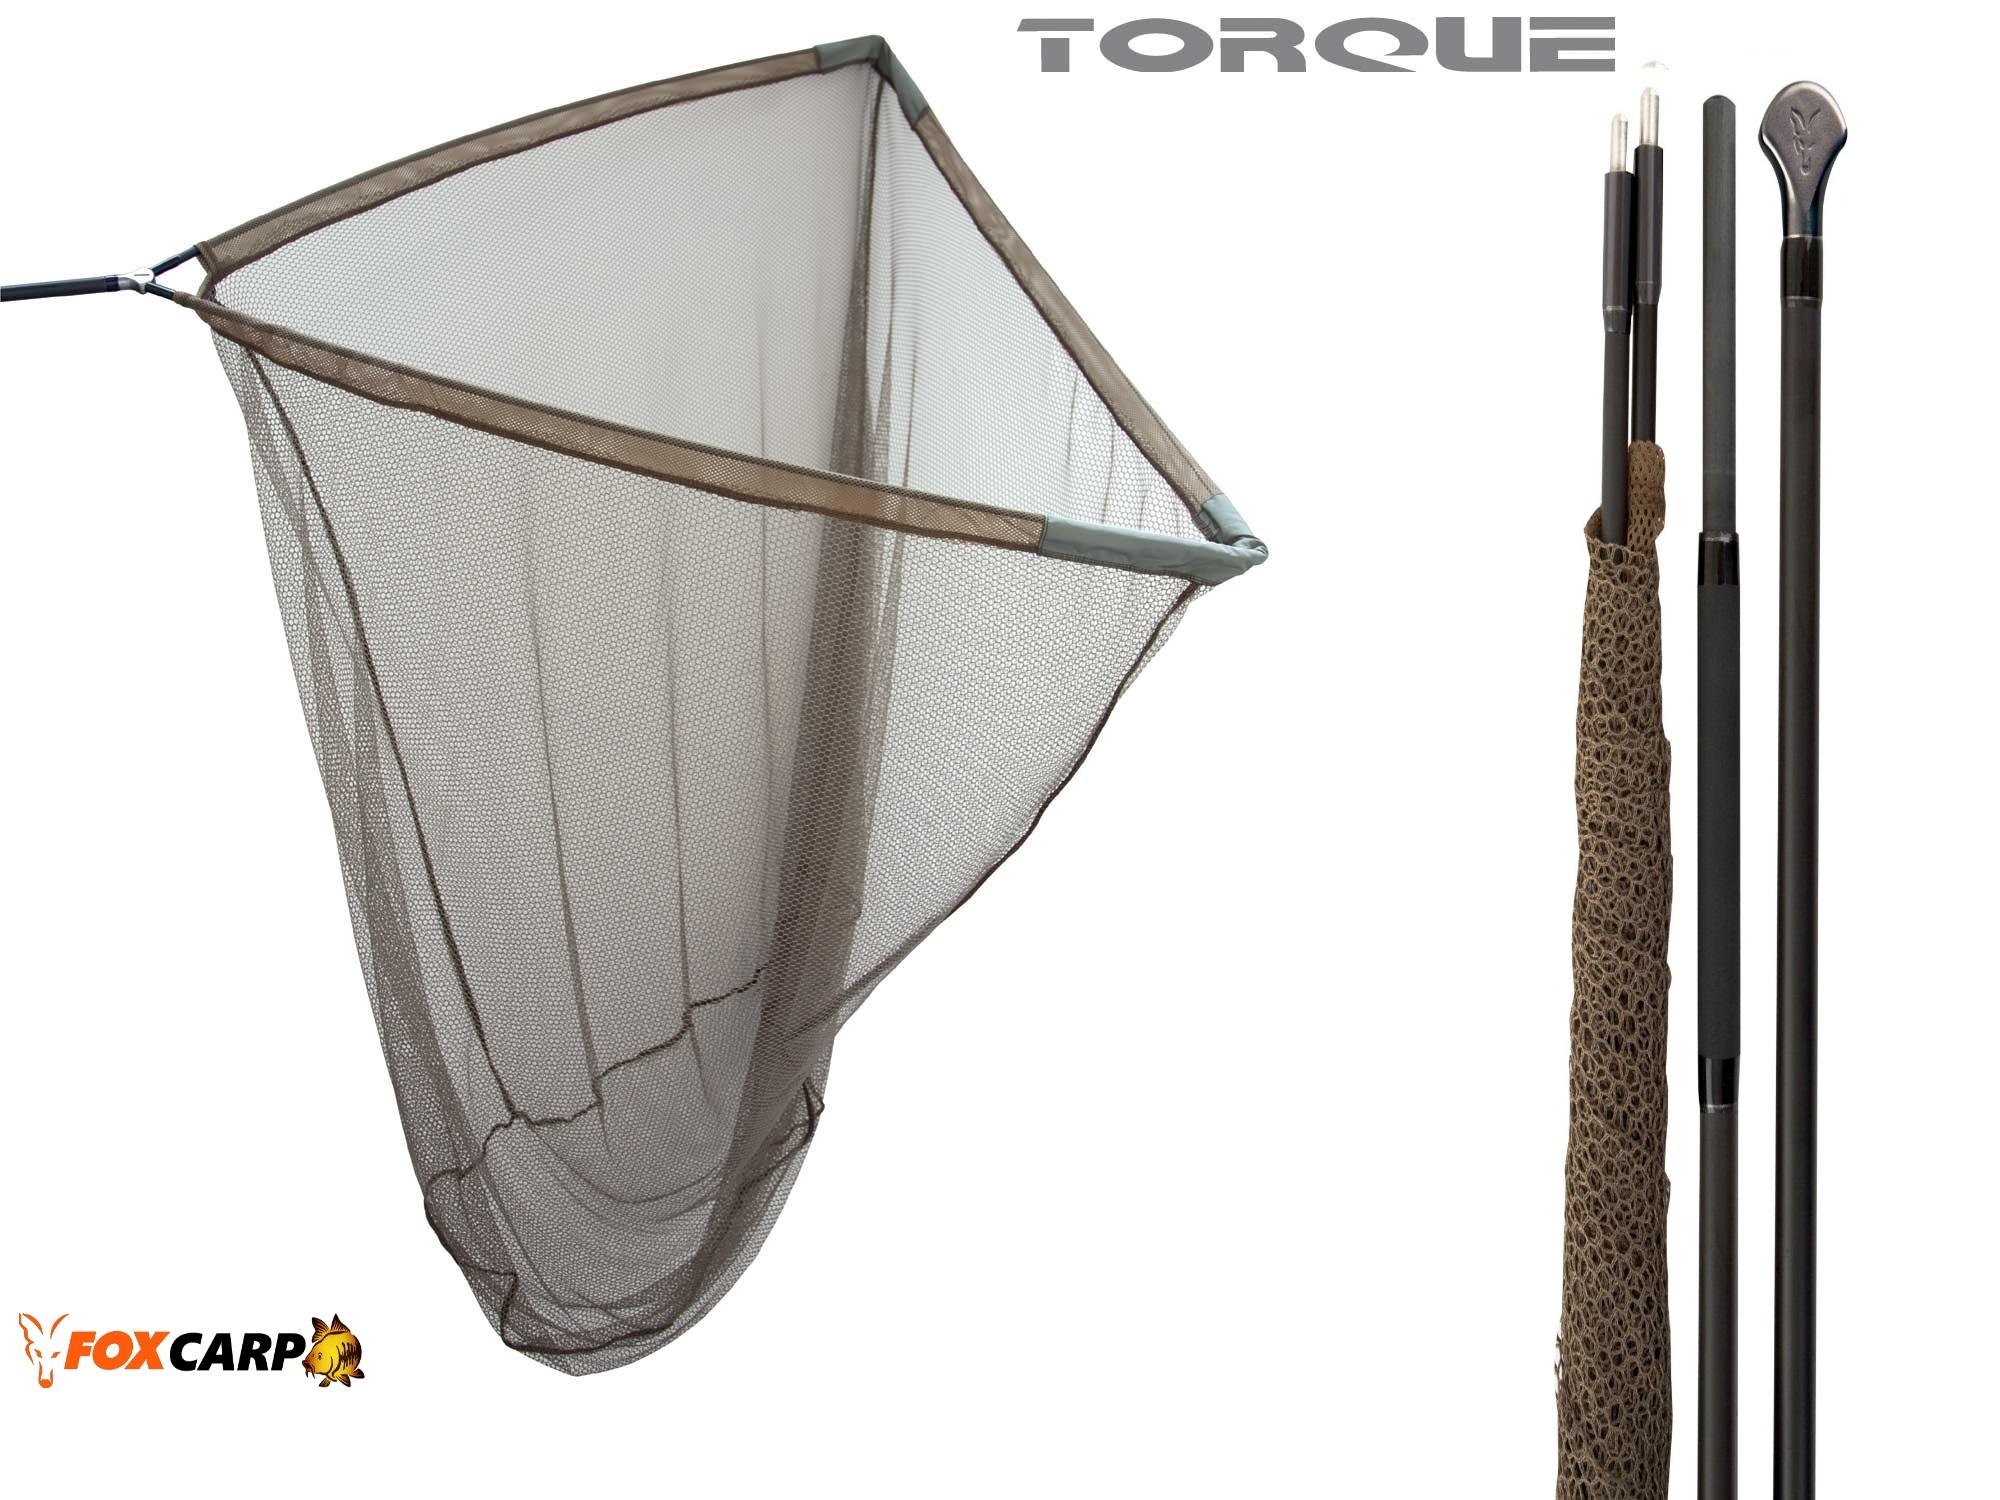 z FOX подсак c двусоставной рукояткой Torque 42 дюйма